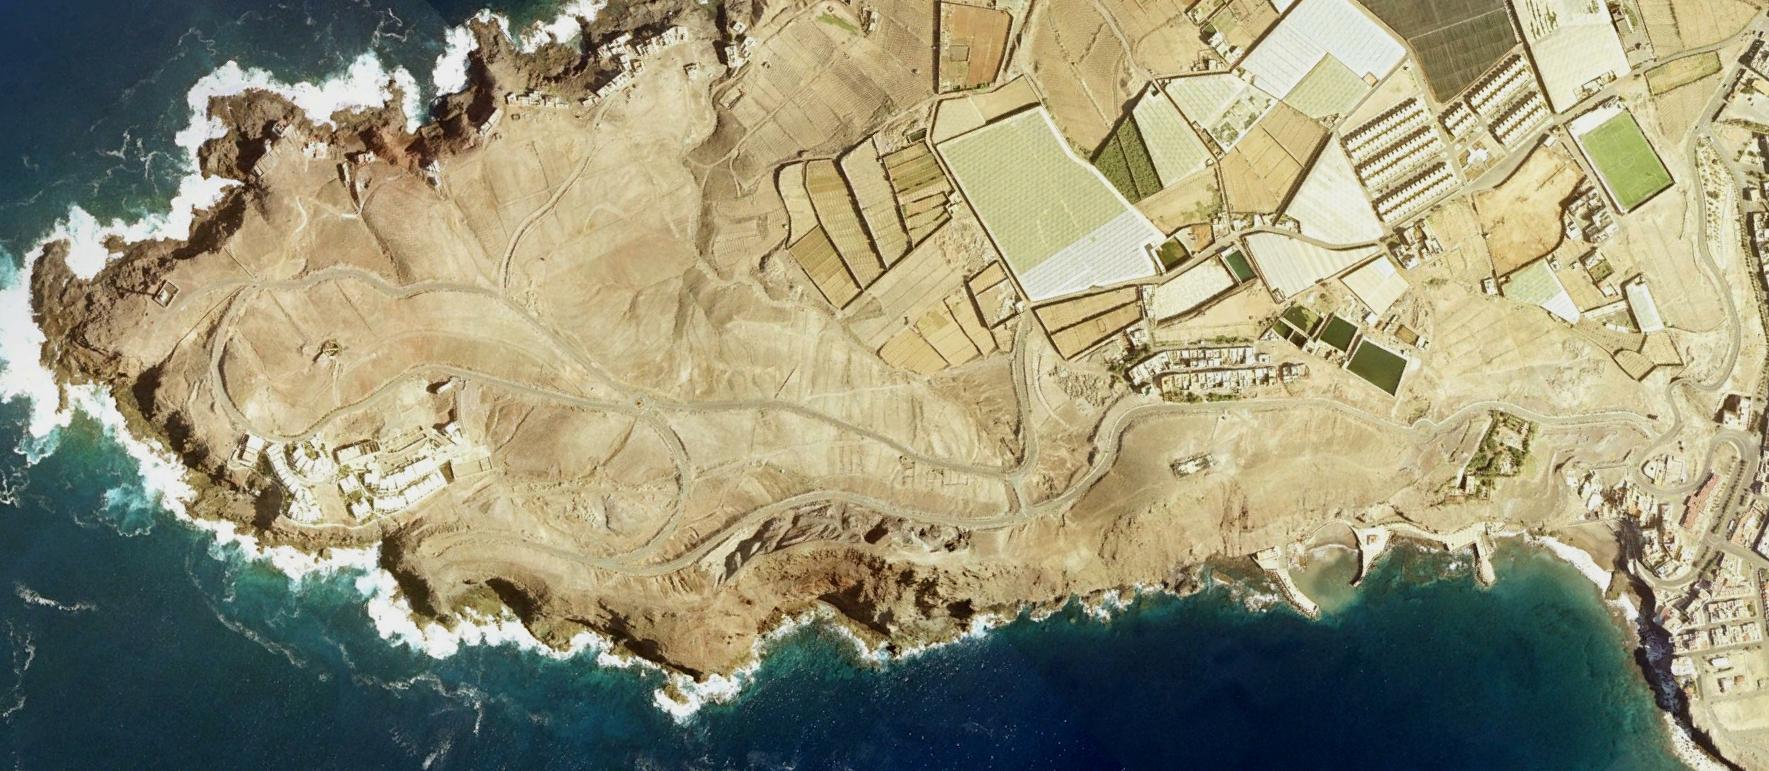 sardina, gran canaria, las palmas, dotty, antes, urbanismo, planeamiento, urbano, desastre, urbanístico, construcción